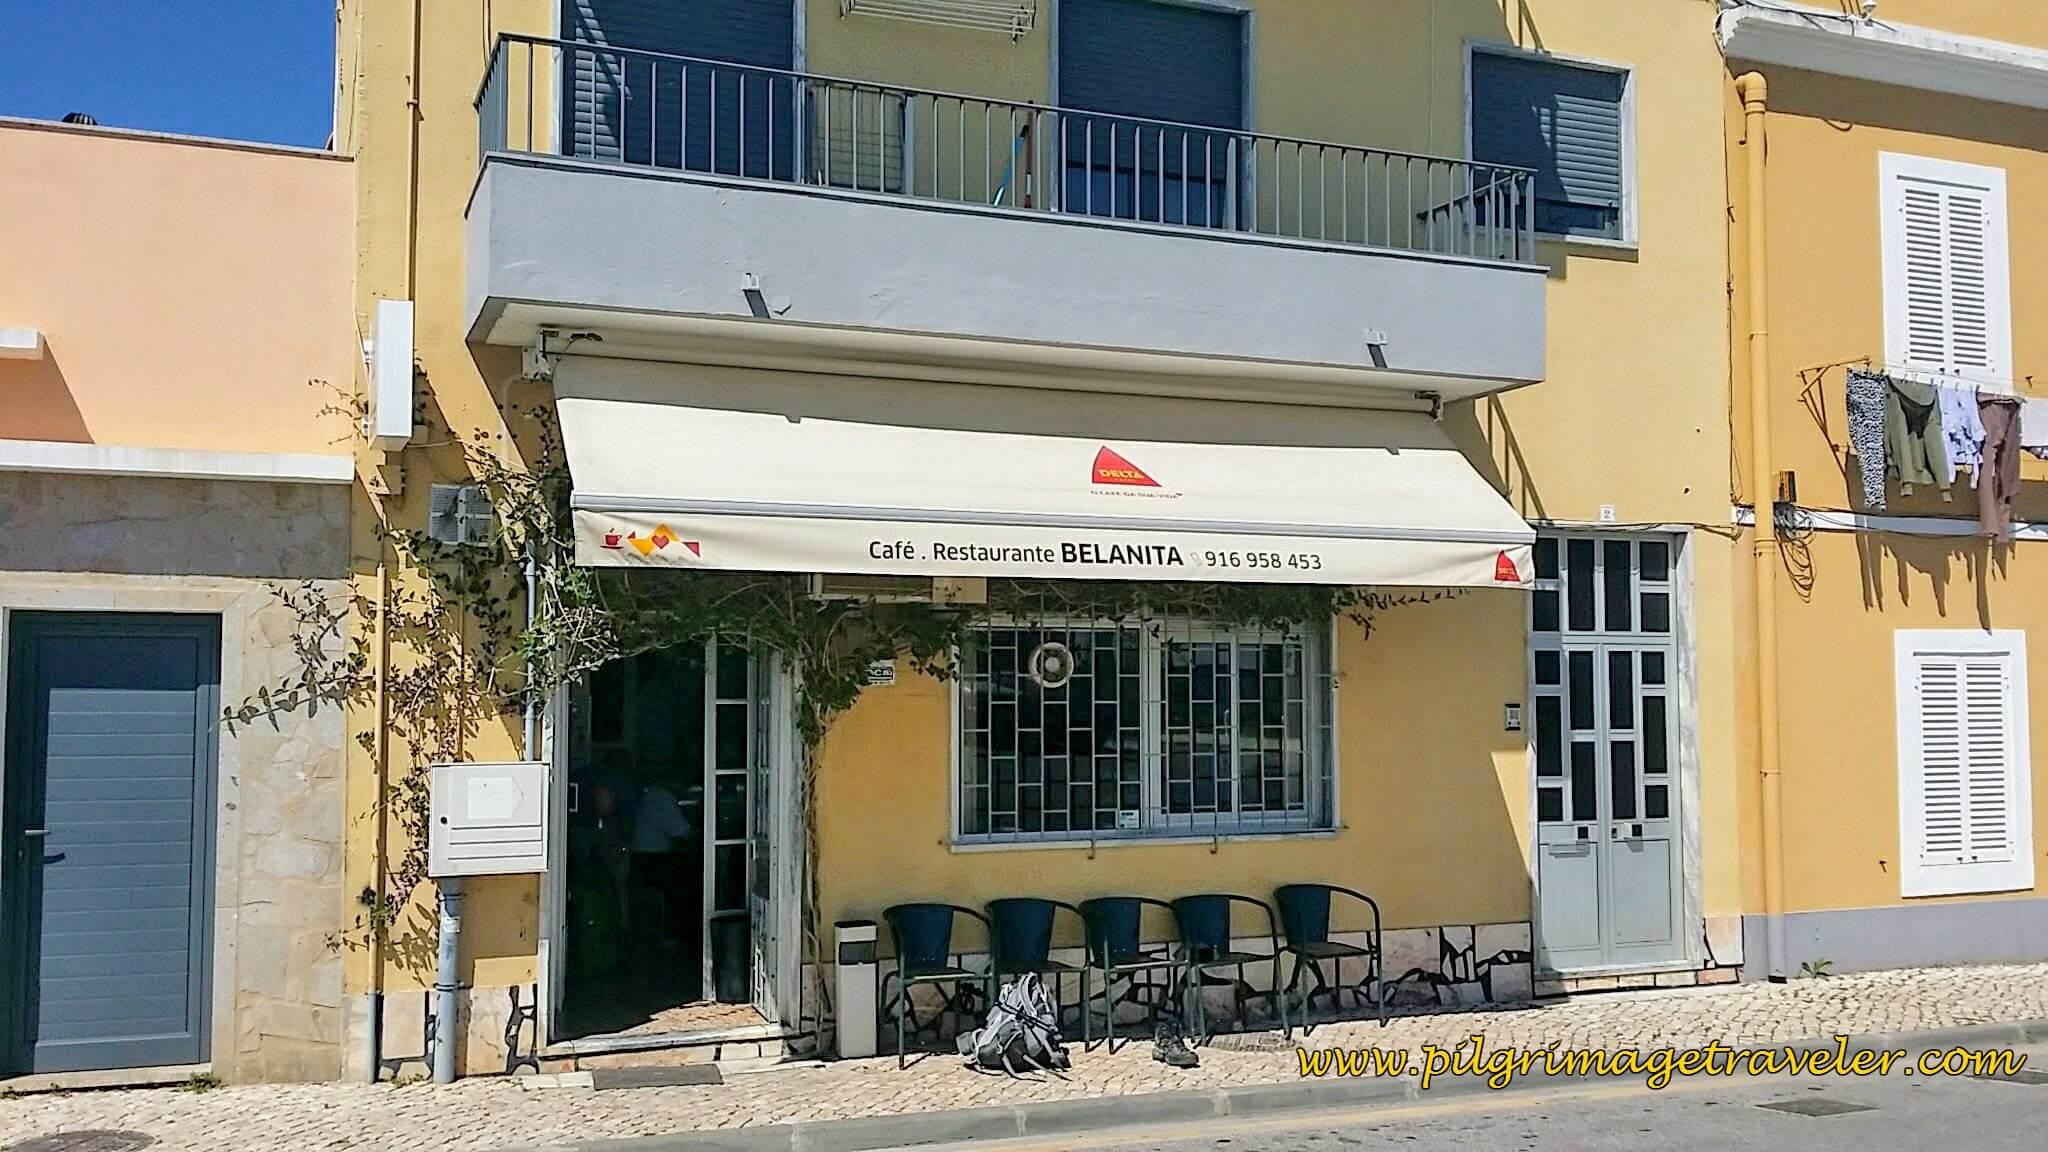 Café and Restaurante Belanita, Carregado, Portugal